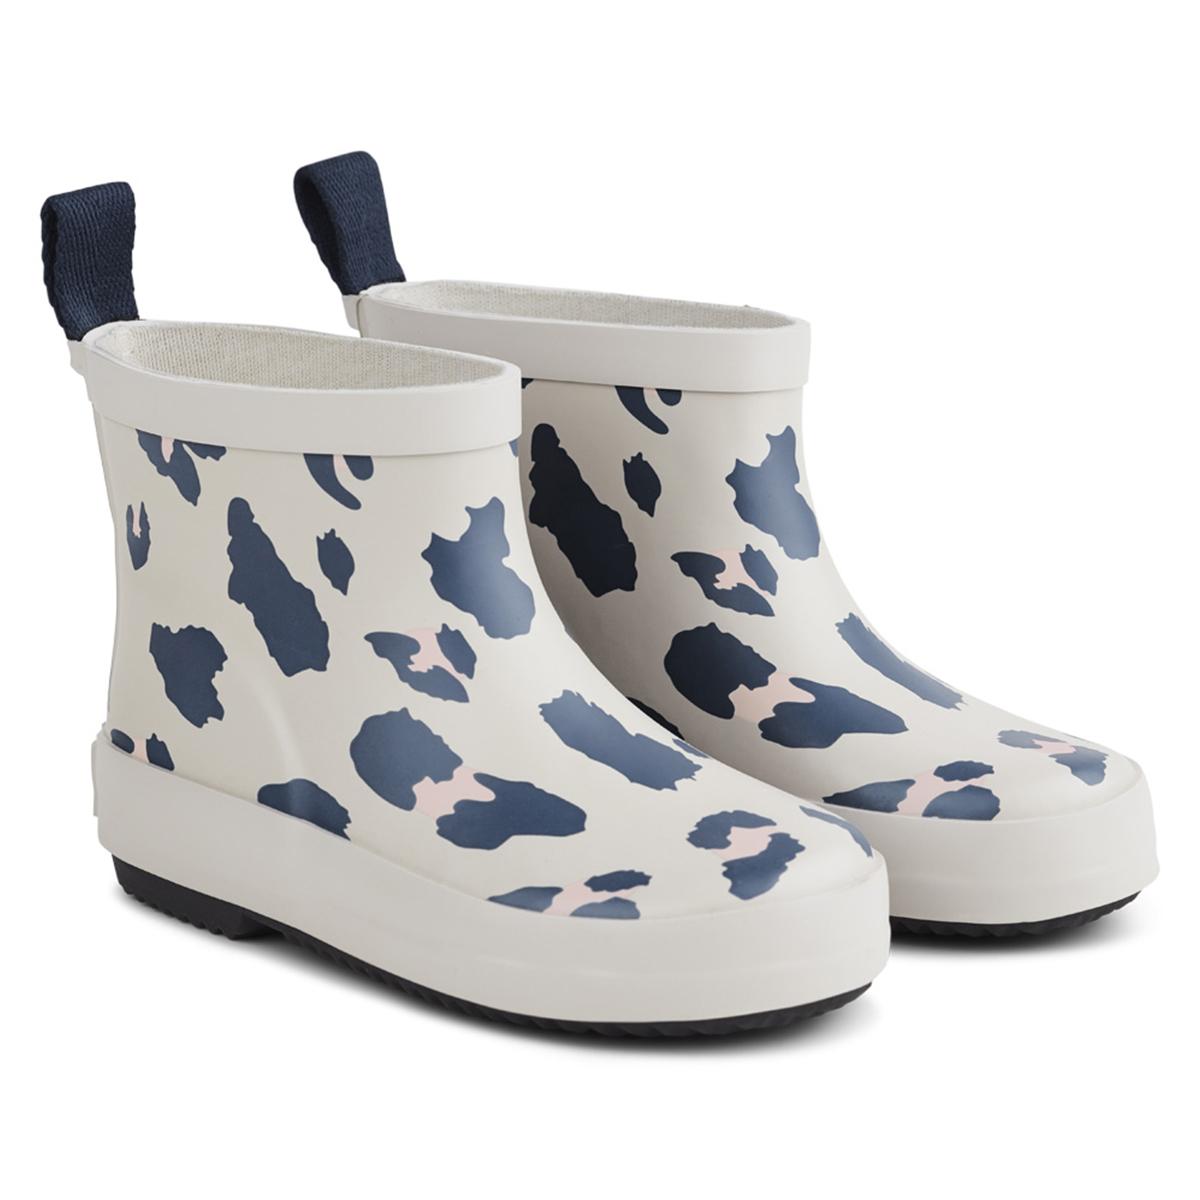 Chaussons & Chaussures Bottes de Pluie Tobi Leo Beige Beauty - 23